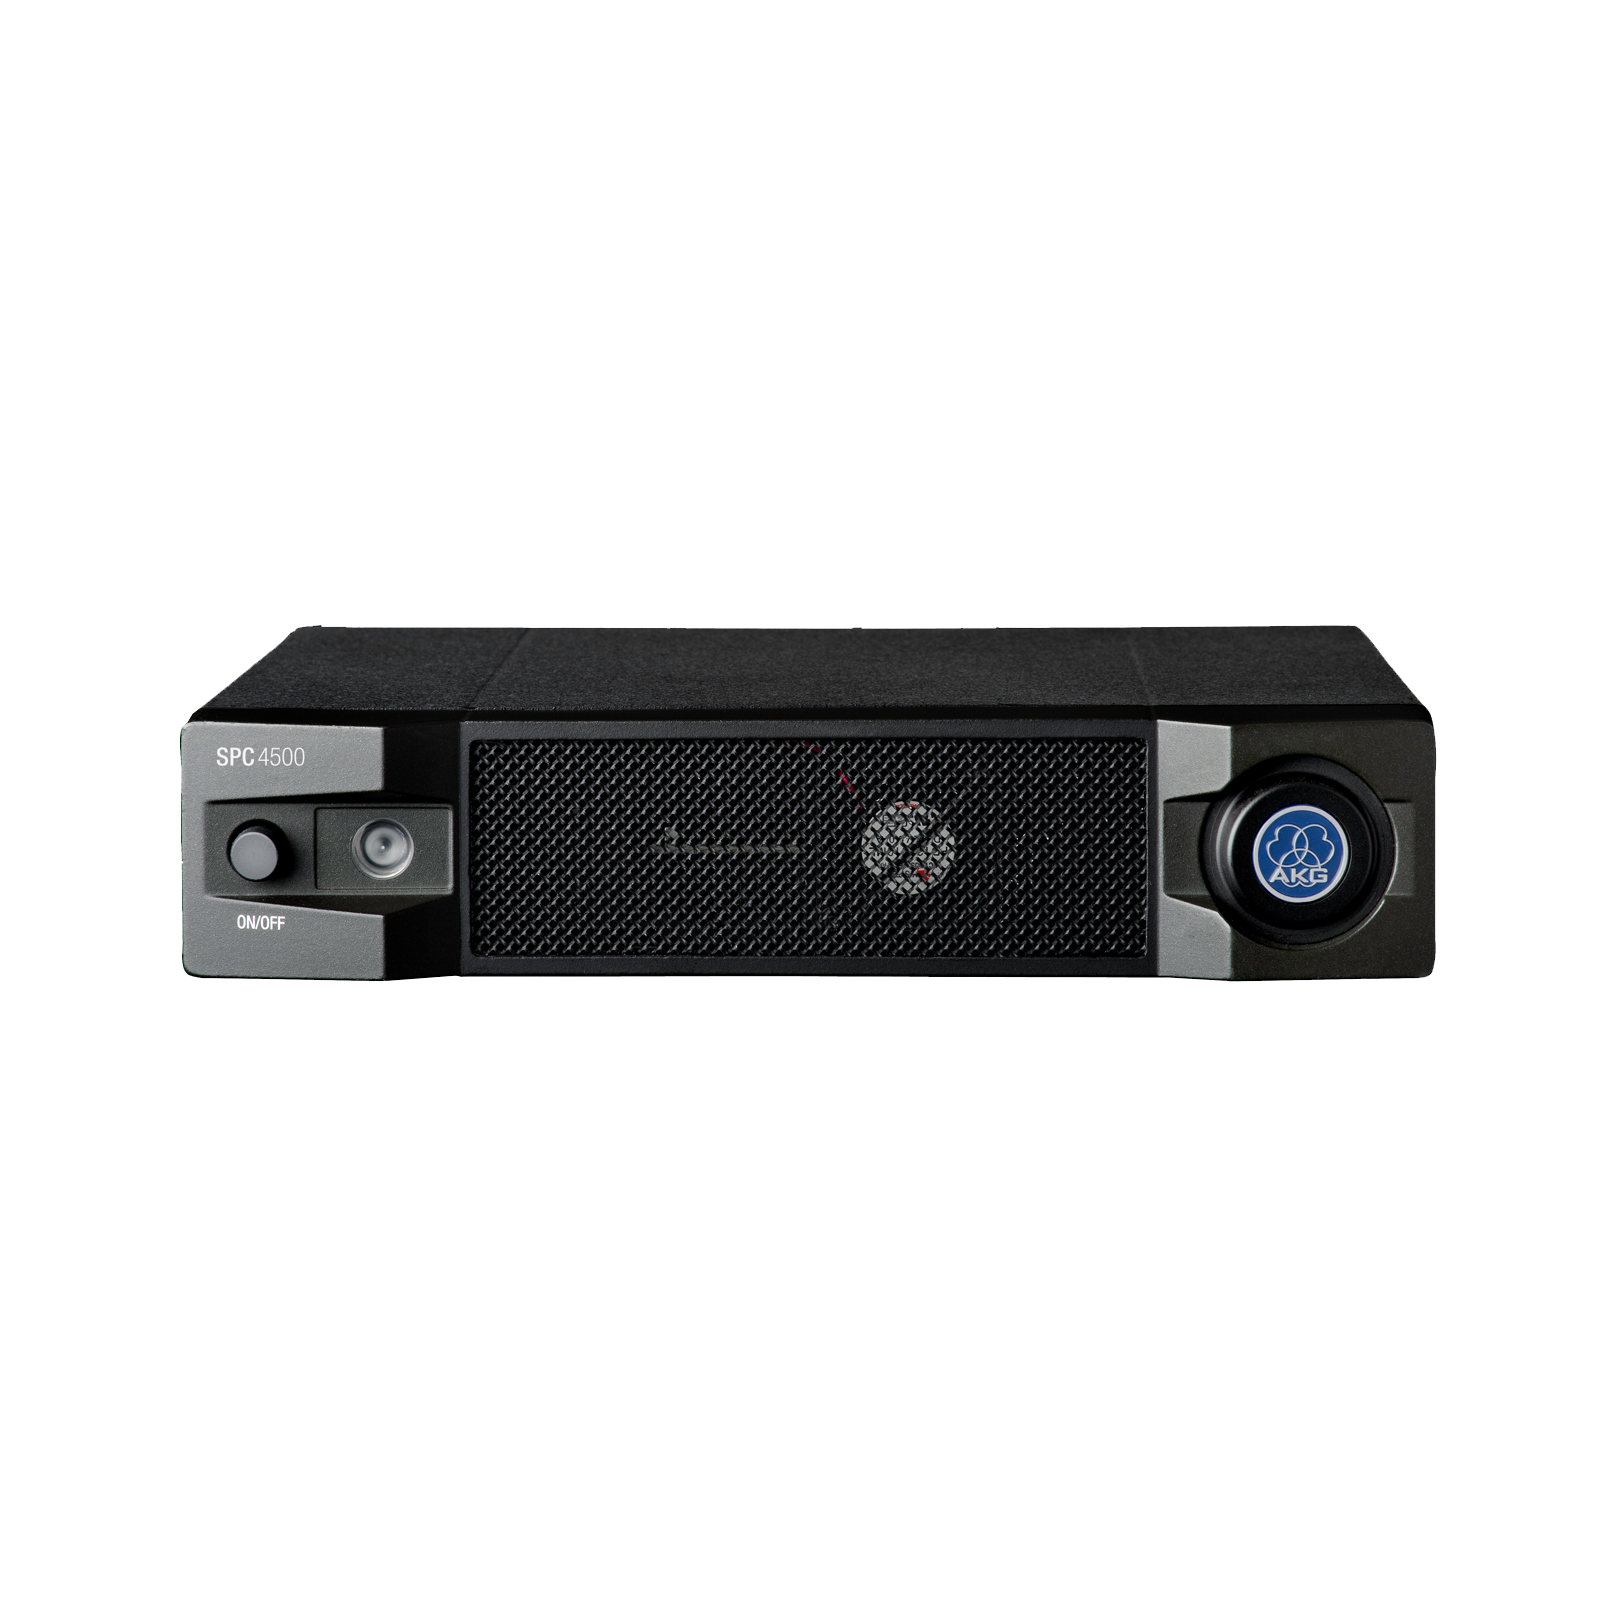 SPC4500 (discontinued)